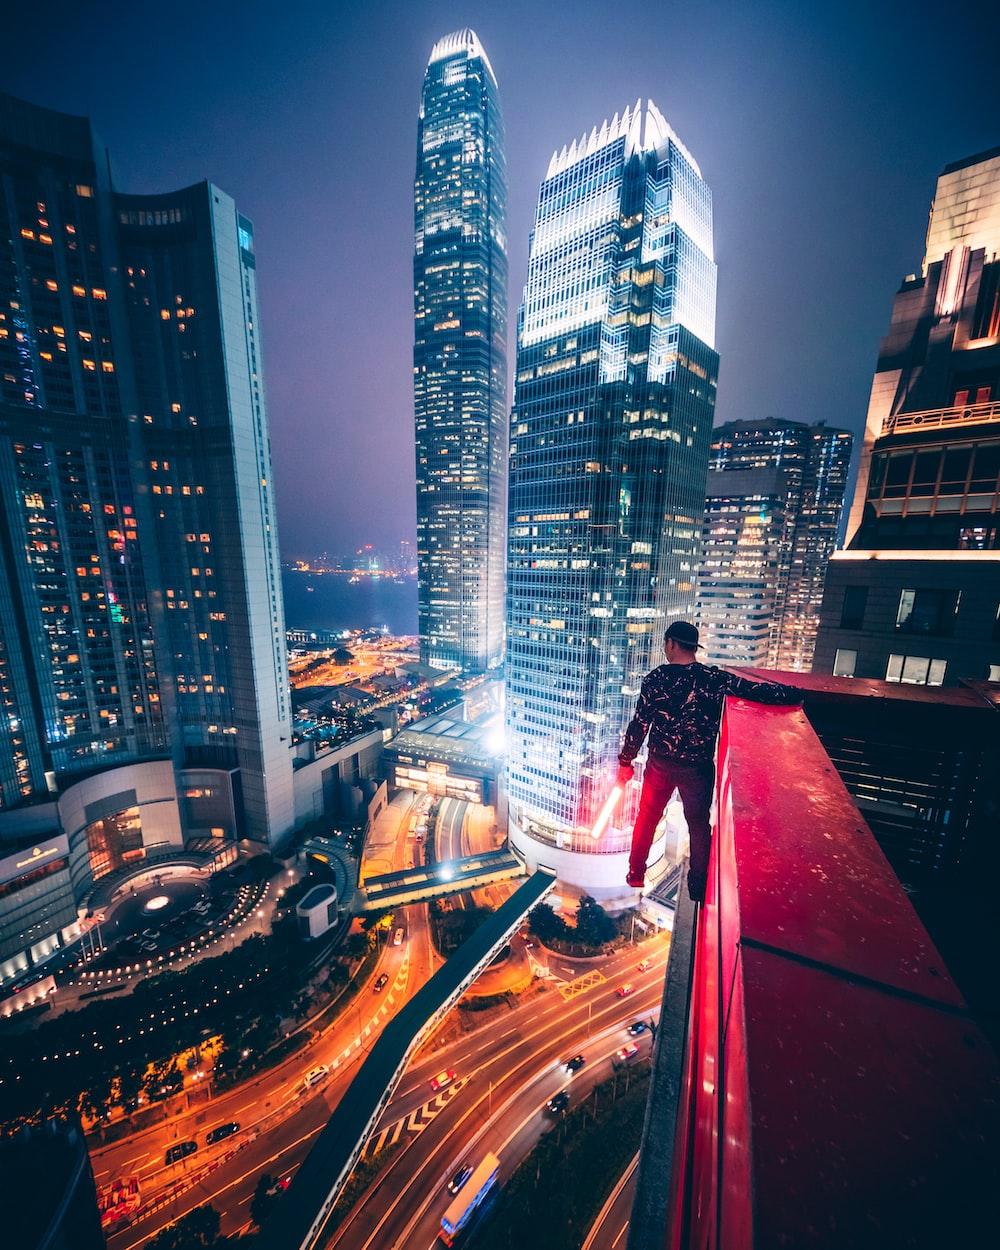 man parkour on a building